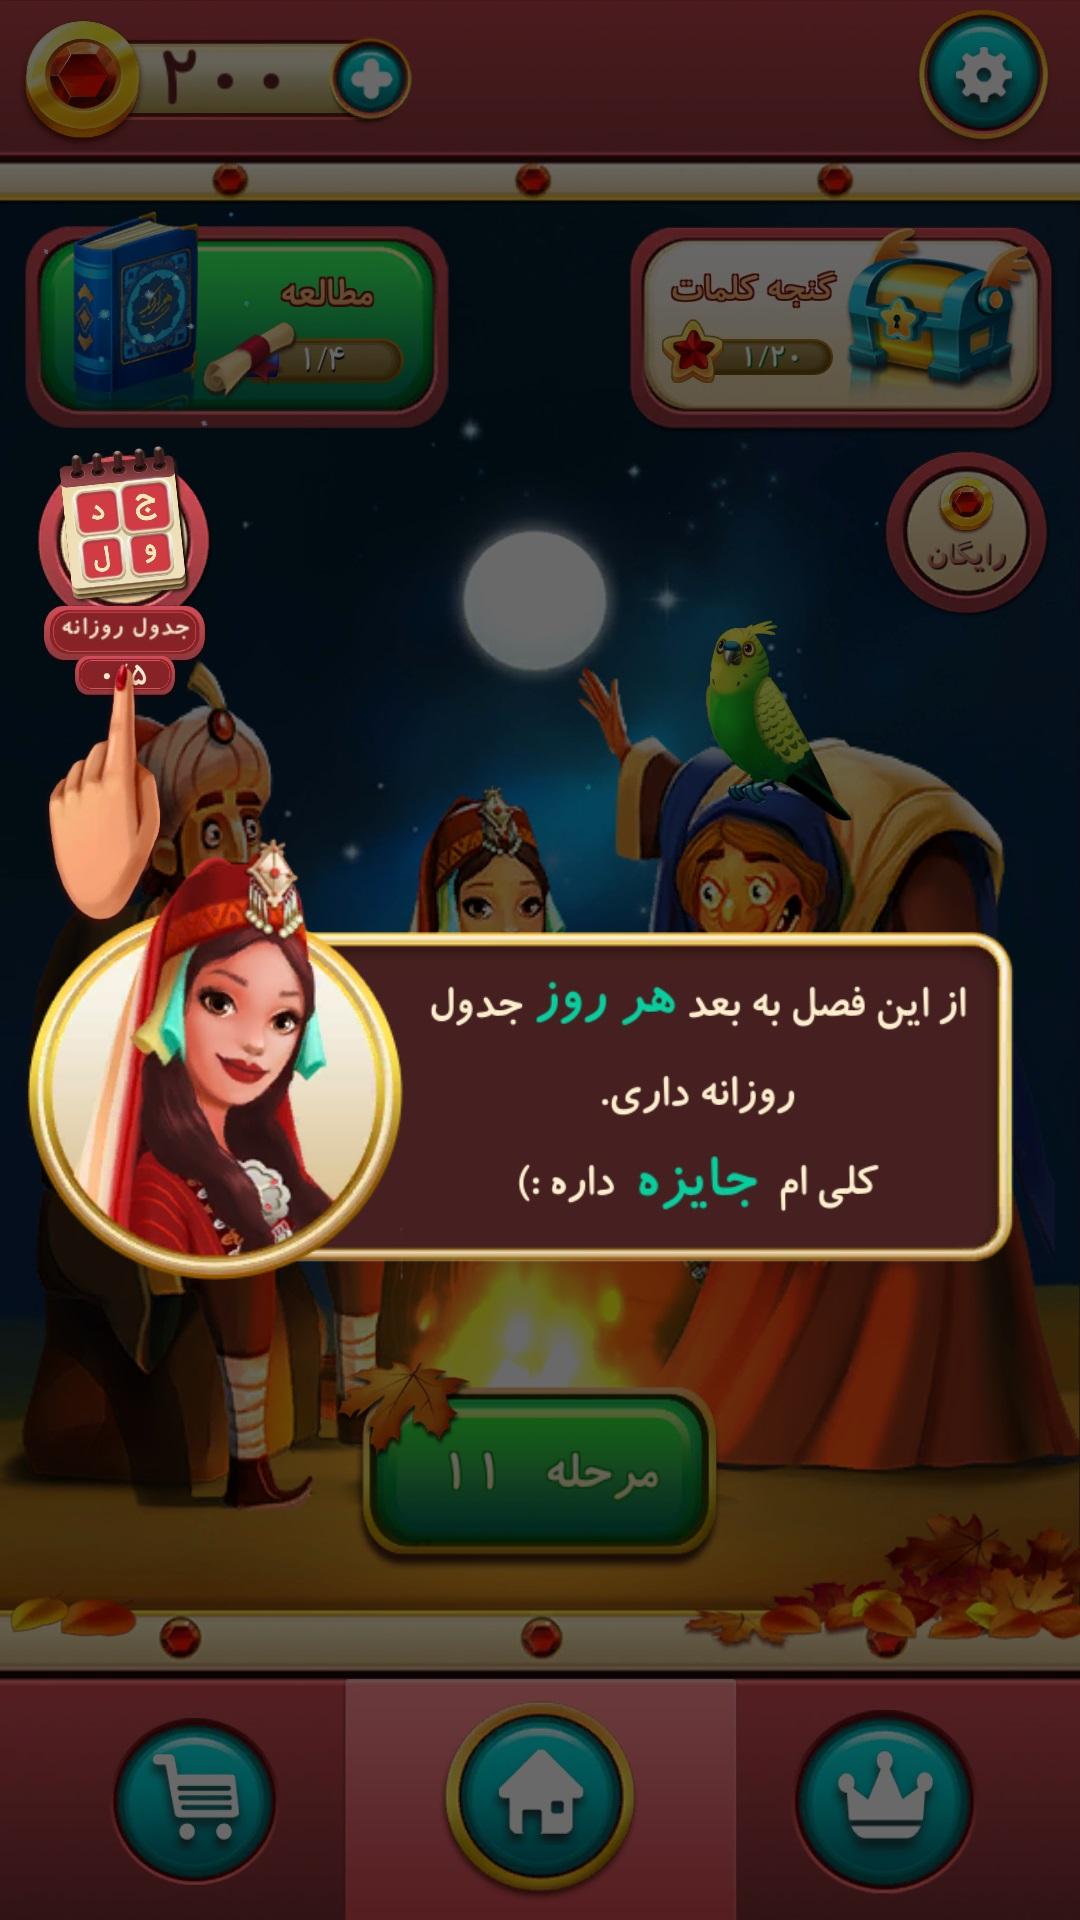 شهرزاد 4 - بررسی بازی «هزار افسان: شهزاد»؛ با حروف بازی کنید و افسانه بخوانید